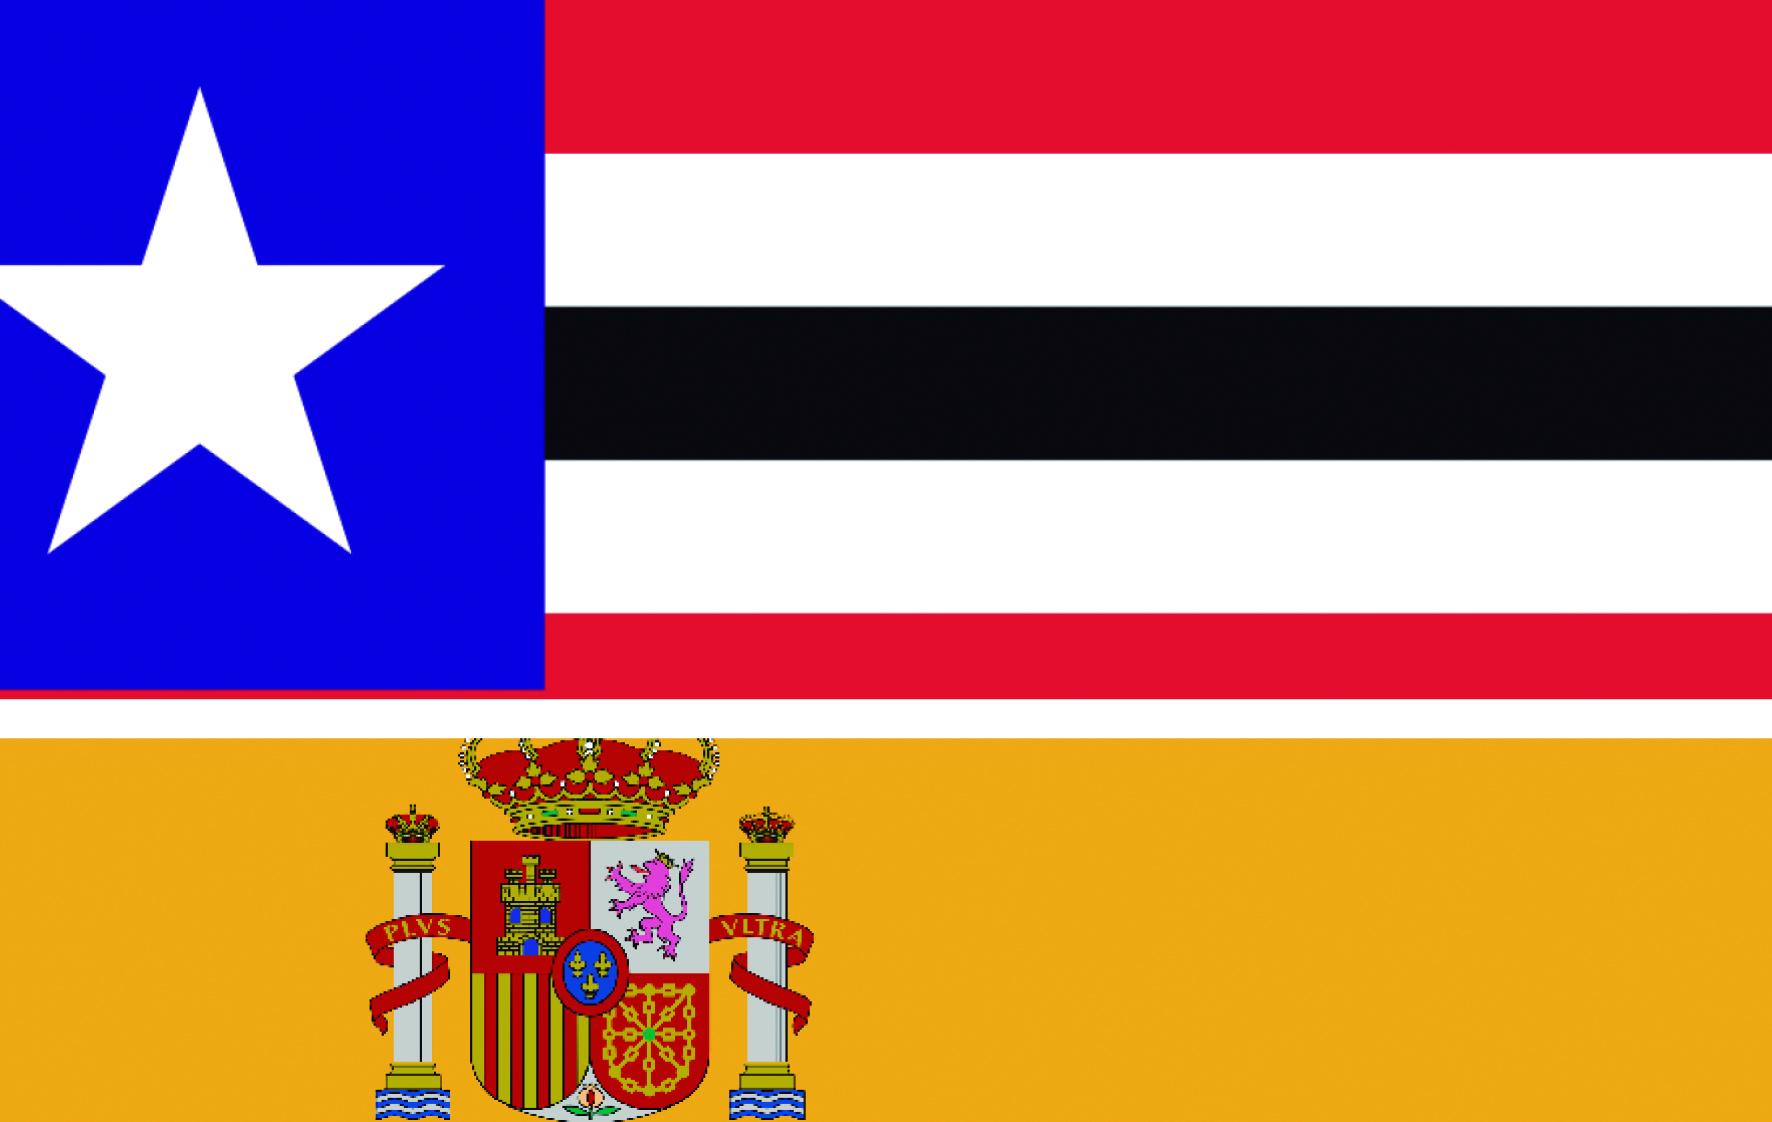 bandeira (maranhao e espanha)